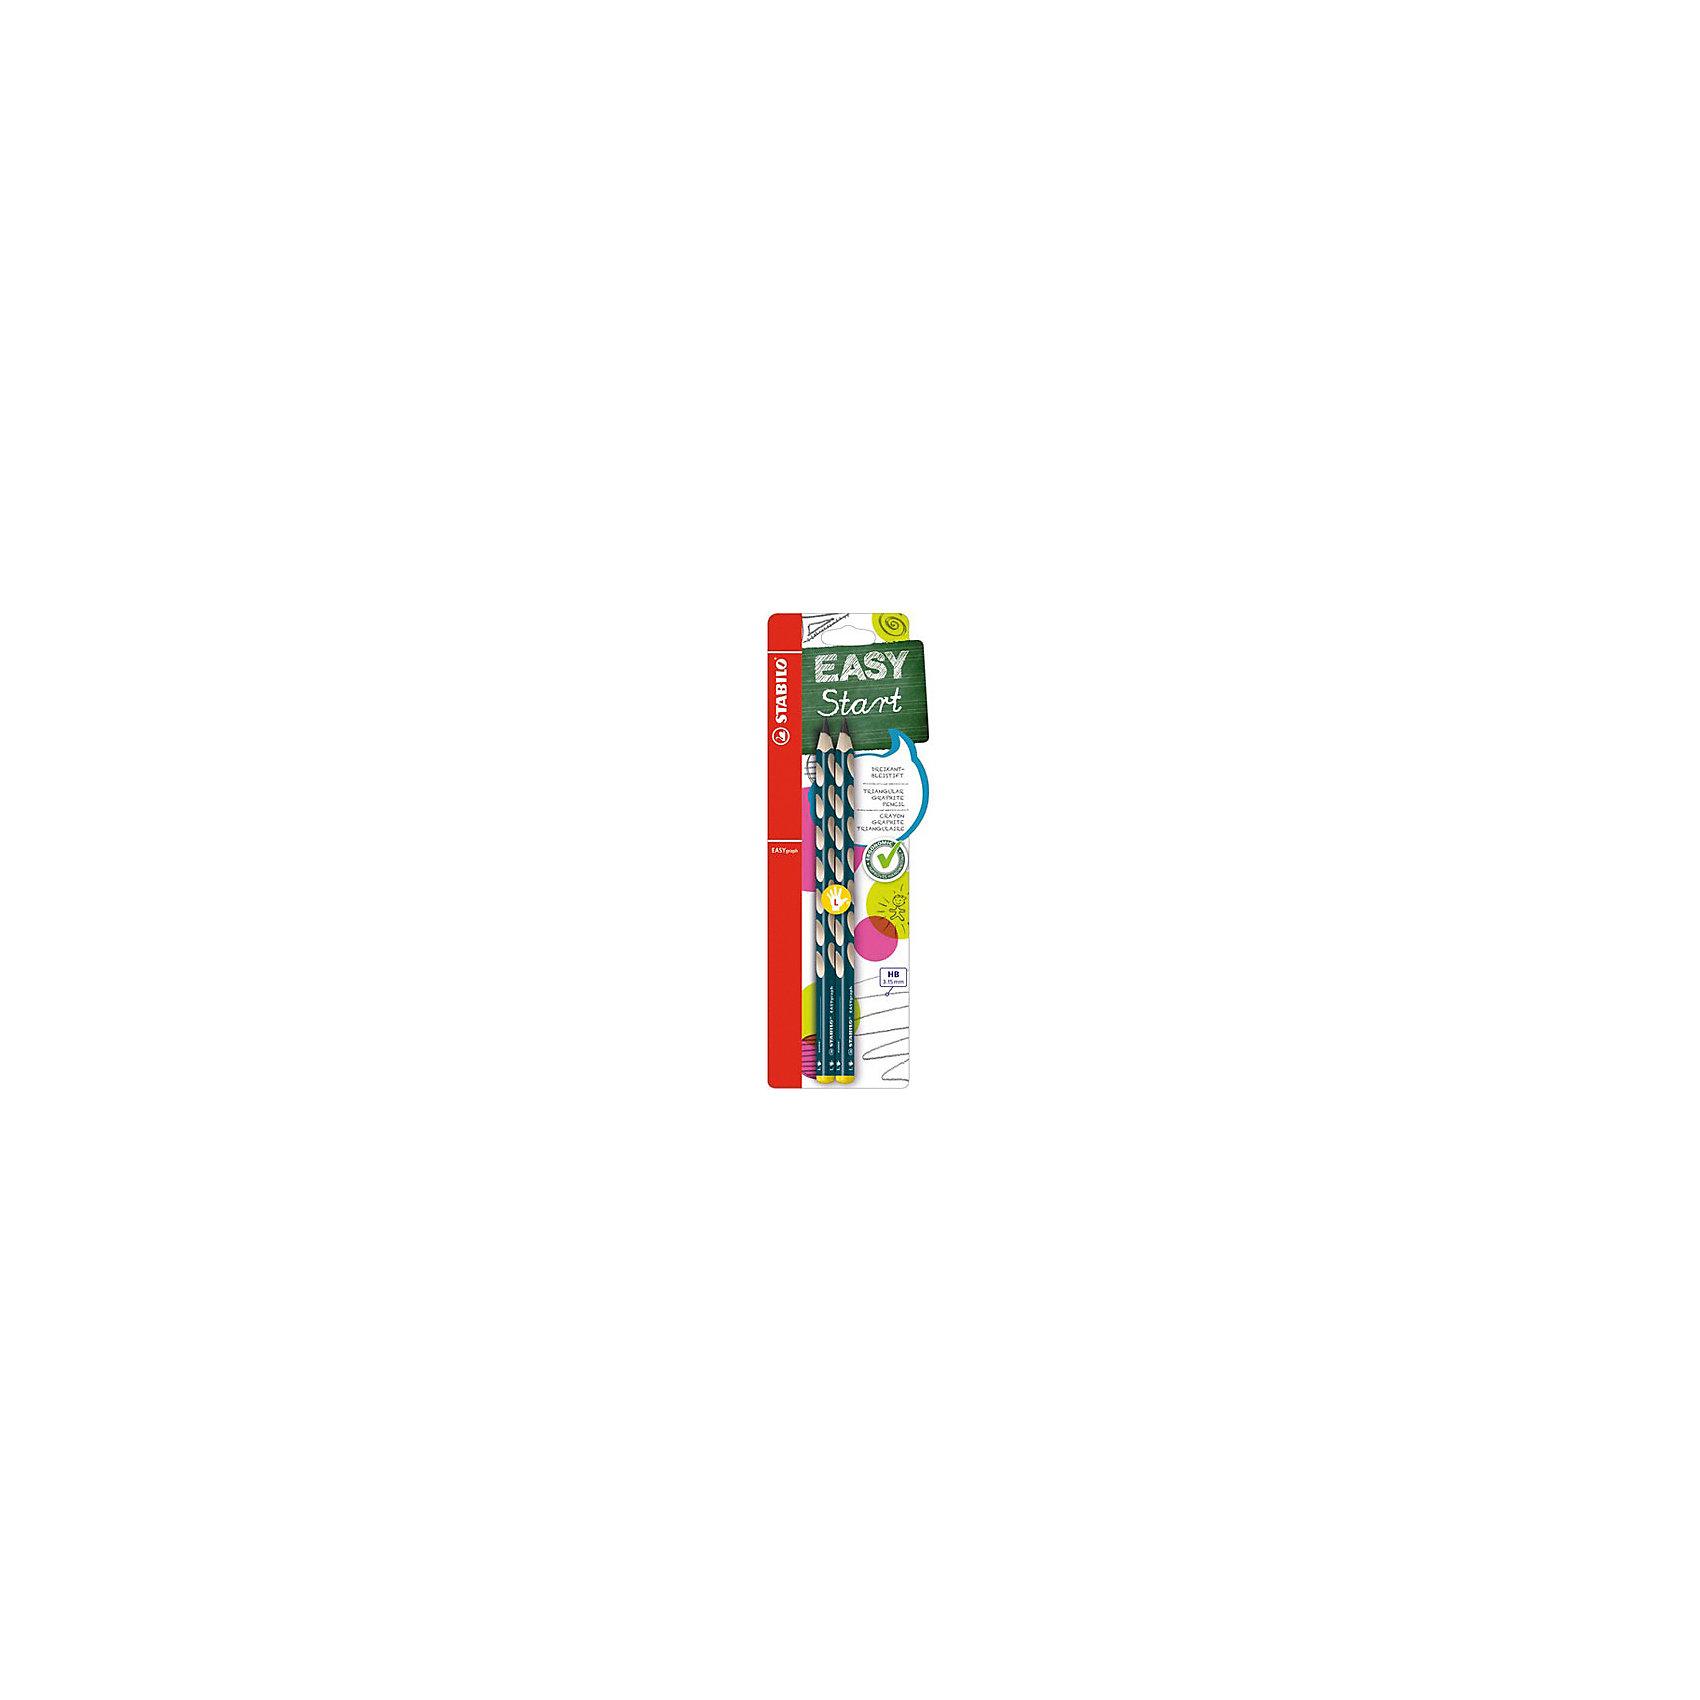 STABILO Easy graph Карандаш для левшей, ч/г 2 штРисование<br>Чернографитный карандаш для левшей EASY GRAPH, 2 шт. от марки Stabilo<br><br>Этот карандаш из серии EASY GRAPH разработан специально для детей, осваивающих рисование и процесс письма. Он создан с учетом особенностей строения и развития руки ребенка. На деревянном карандаше сделаны специальные углубления, которые подсказывают детям правильное расположение пальцев на пишущем инструменте. <br>Даже после заточки карандашей они продолжают полноценно исполнять эту функцию. Форма этих предметов (трехгранник) позволяет карандашам удобно ложиться в детской руке и не вызывать усталости мышц. Предназначены для левшей, имеют повышенную стойкость к поломкам. В наборе - 2 карандаша.<br><br>Особенности данной модели:<br><br>твердость: НВ;<br>длина: 17,5 см;<br>цвет: чёрный;<br>материал: дерево;<br>комплектация: 2 шт.<br><br>Чернографитный карандаш для левшей EASY GRAPH, 2 шт. от марки Stabilo можно купить в нашем магазине.<br><br>Ширина мм: 80<br>Глубина мм: 10<br>Высота мм: 240<br>Вес г: 10<br>Возраст от месяцев: 60<br>Возраст до месяцев: 216<br>Пол: Унисекс<br>Возраст: Детский<br>SKU: 3157336